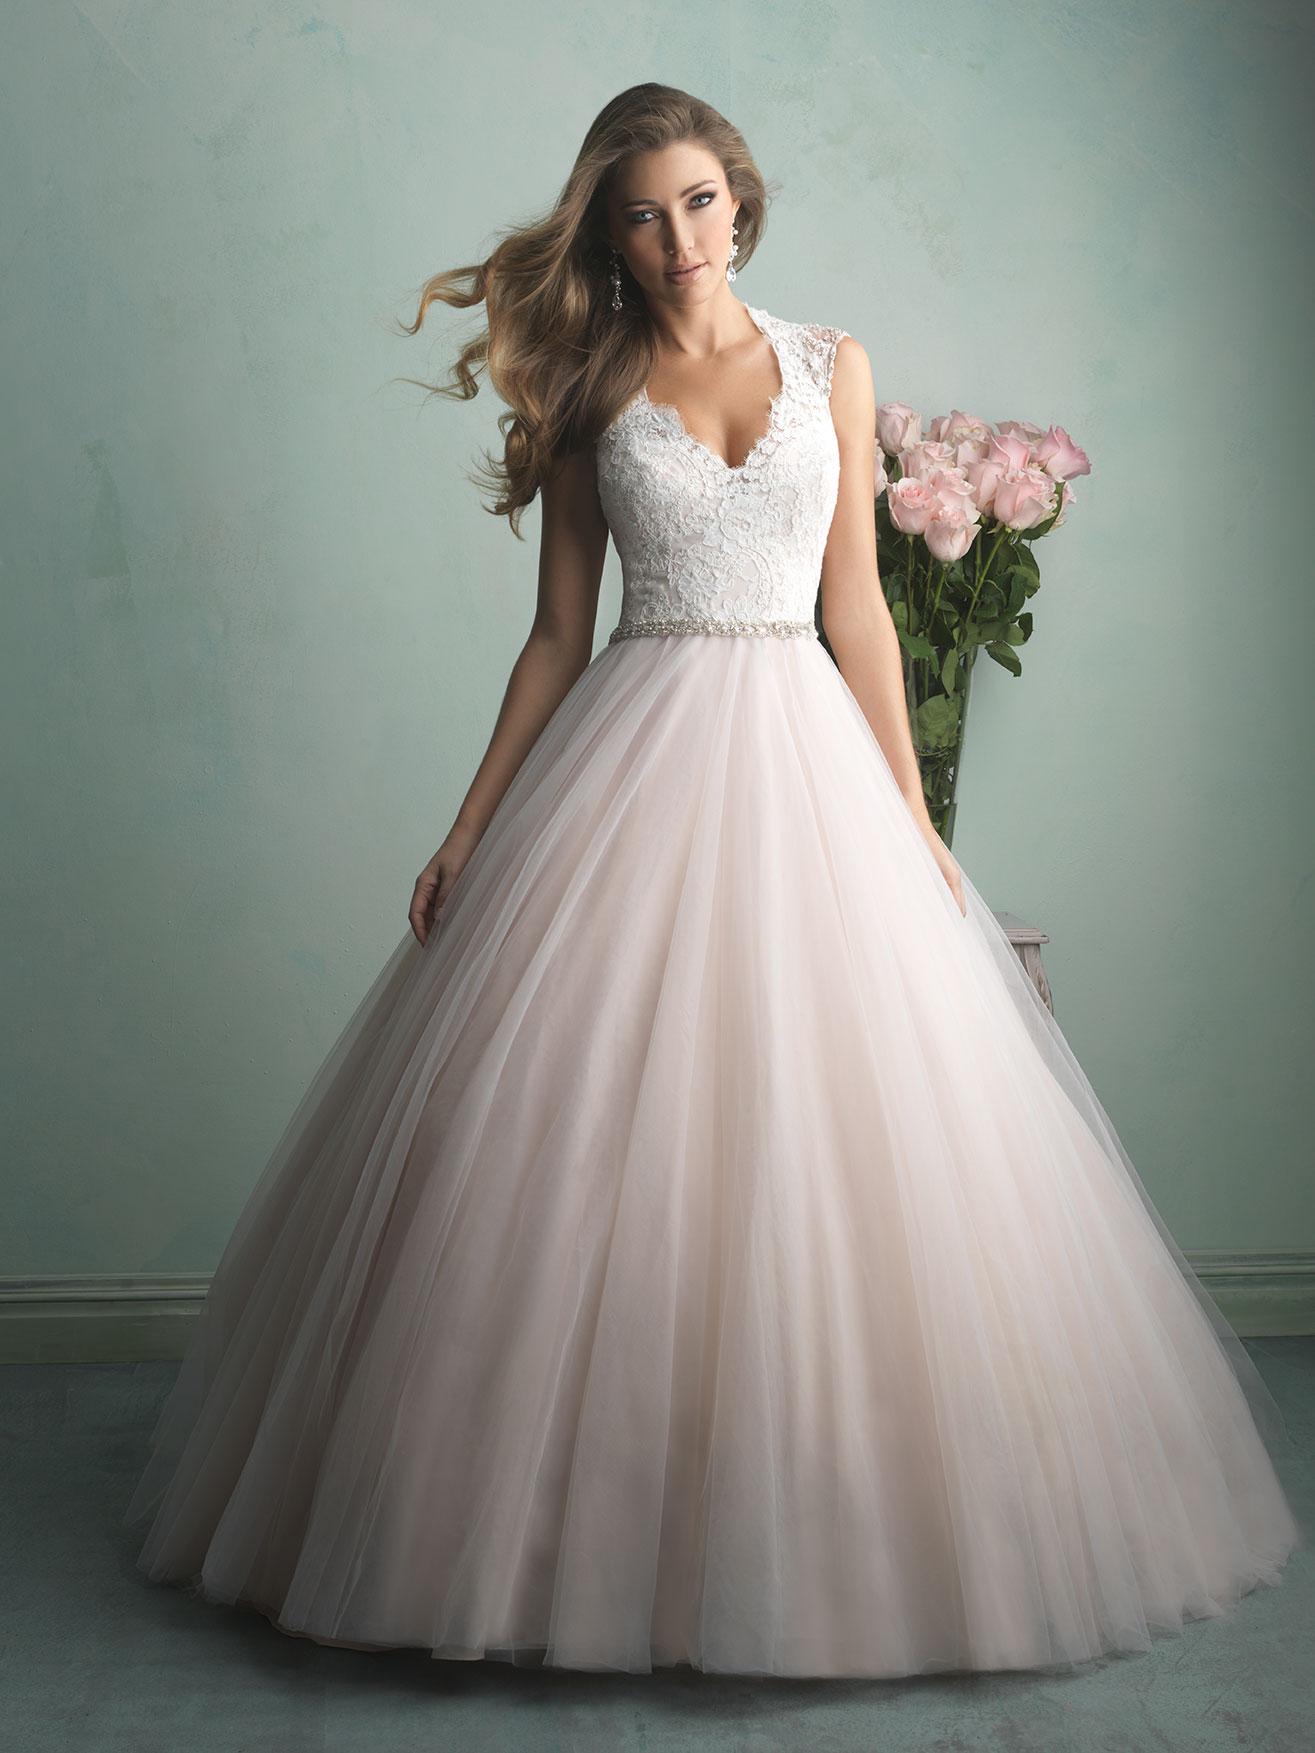 ea439d6d356 Allure Bridesmaid Dresses Colors